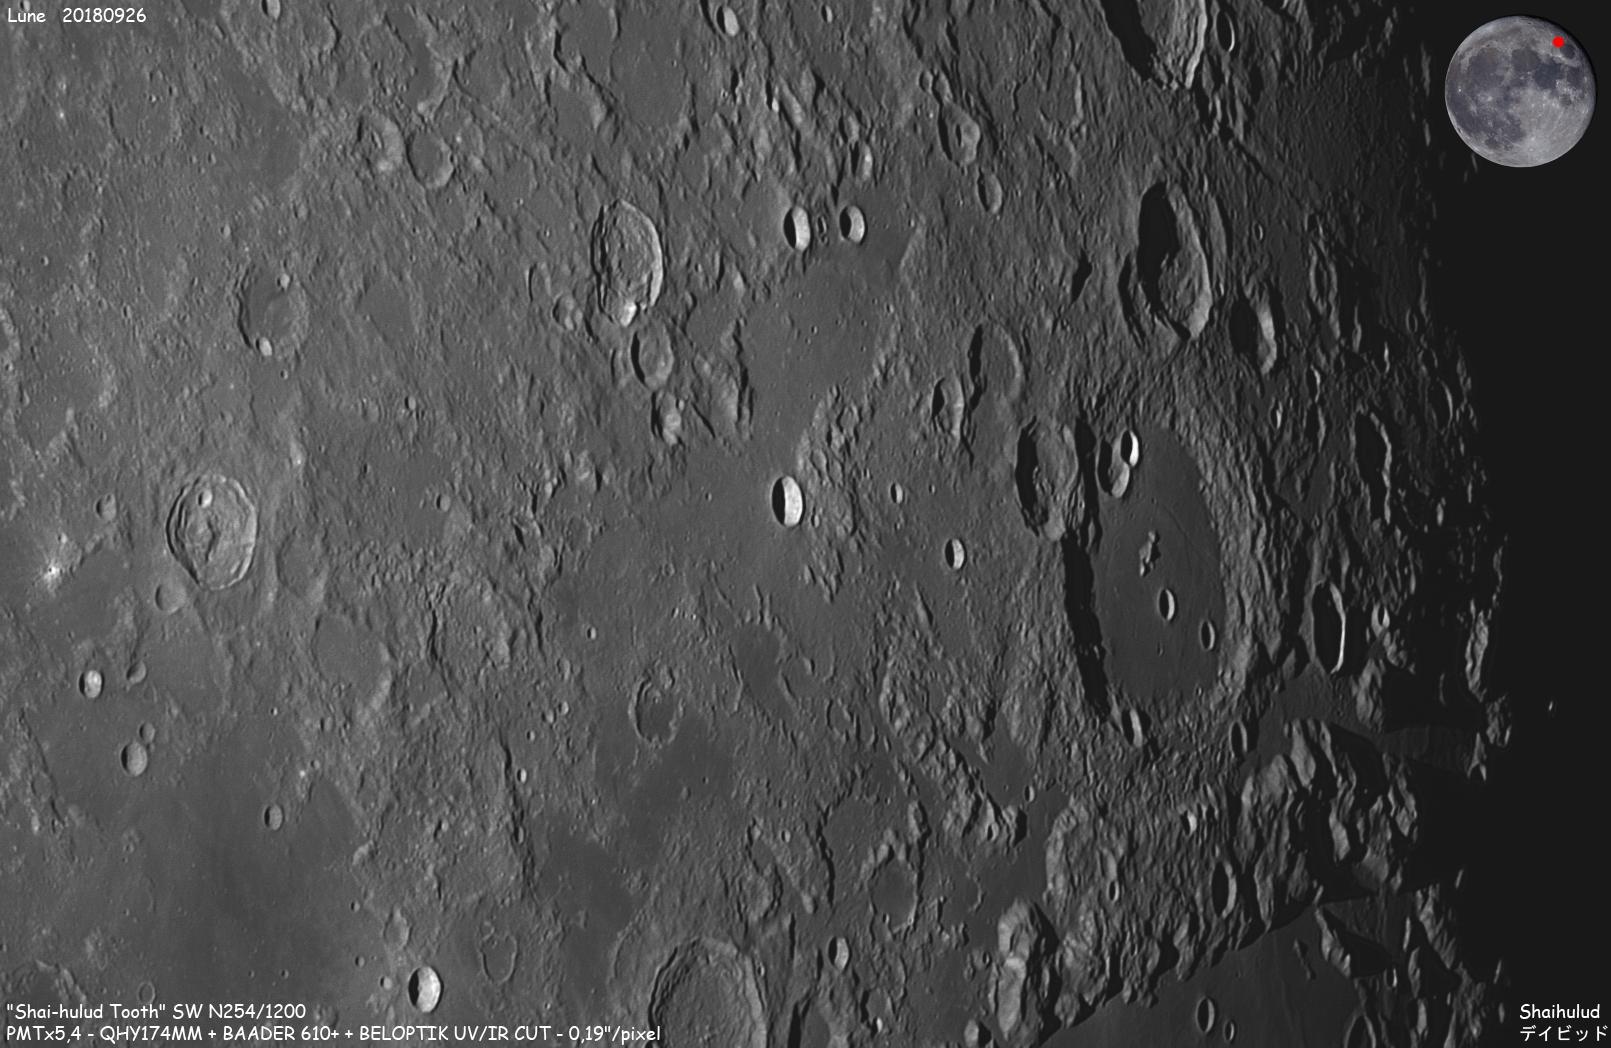 Survol lunaire 20180926 (Attention, le 254 à 6480 de focale cela pique les yeux) 4Ja7TW3Y4tlF_16536x16536_wmhqkGbg